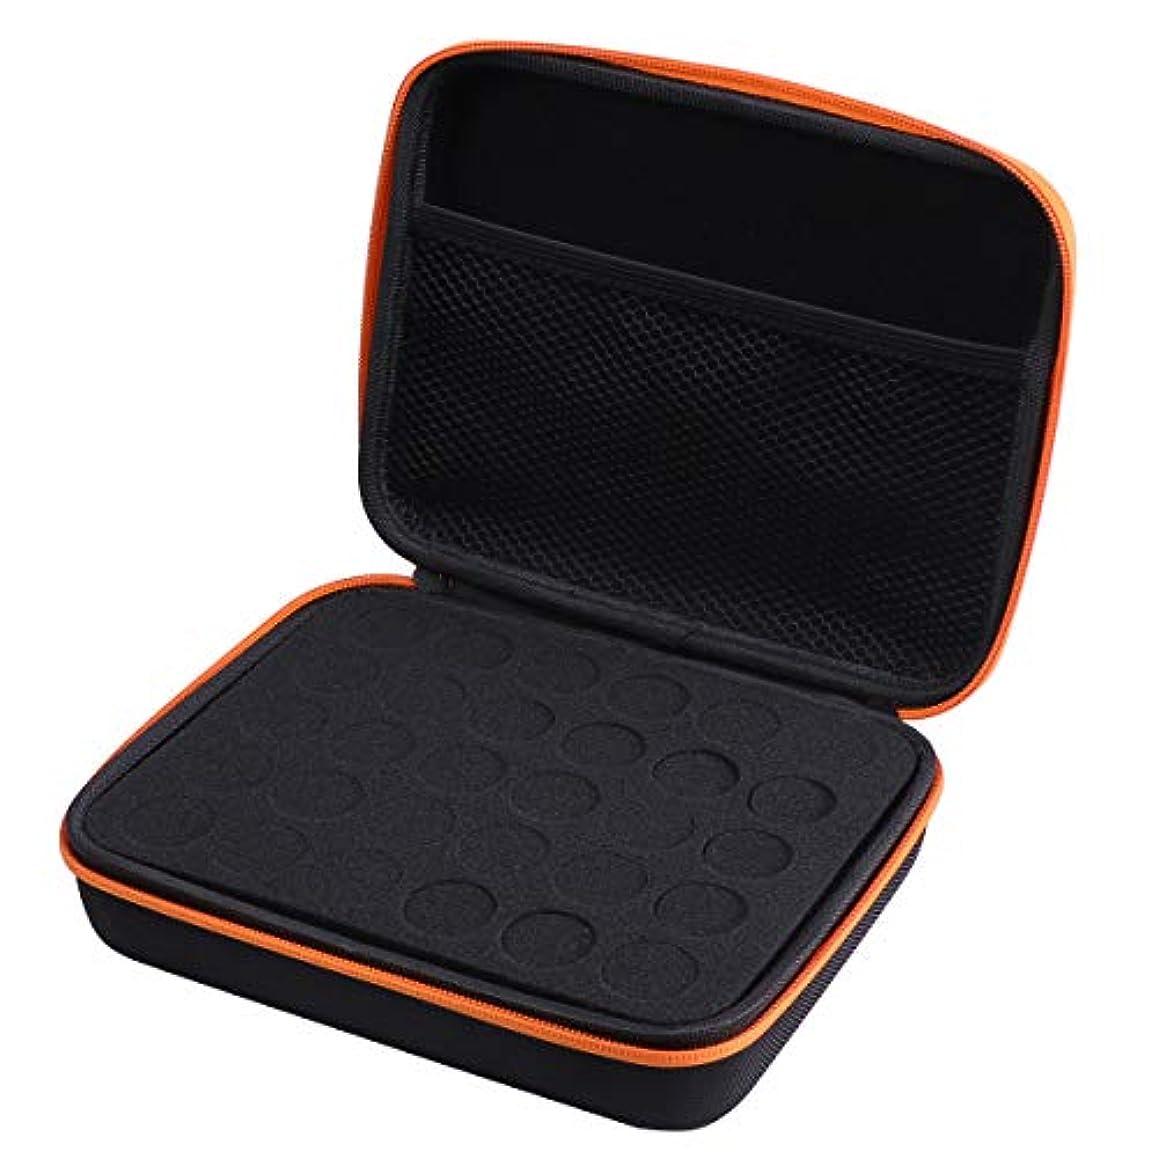 卑しい袋召喚するLURROSE 30スロットボトルエッセンシャルオイル収納ケースポータブルエッセンシャルオイルトラベルボックスホルダーオーガナイザー(オレンジ)